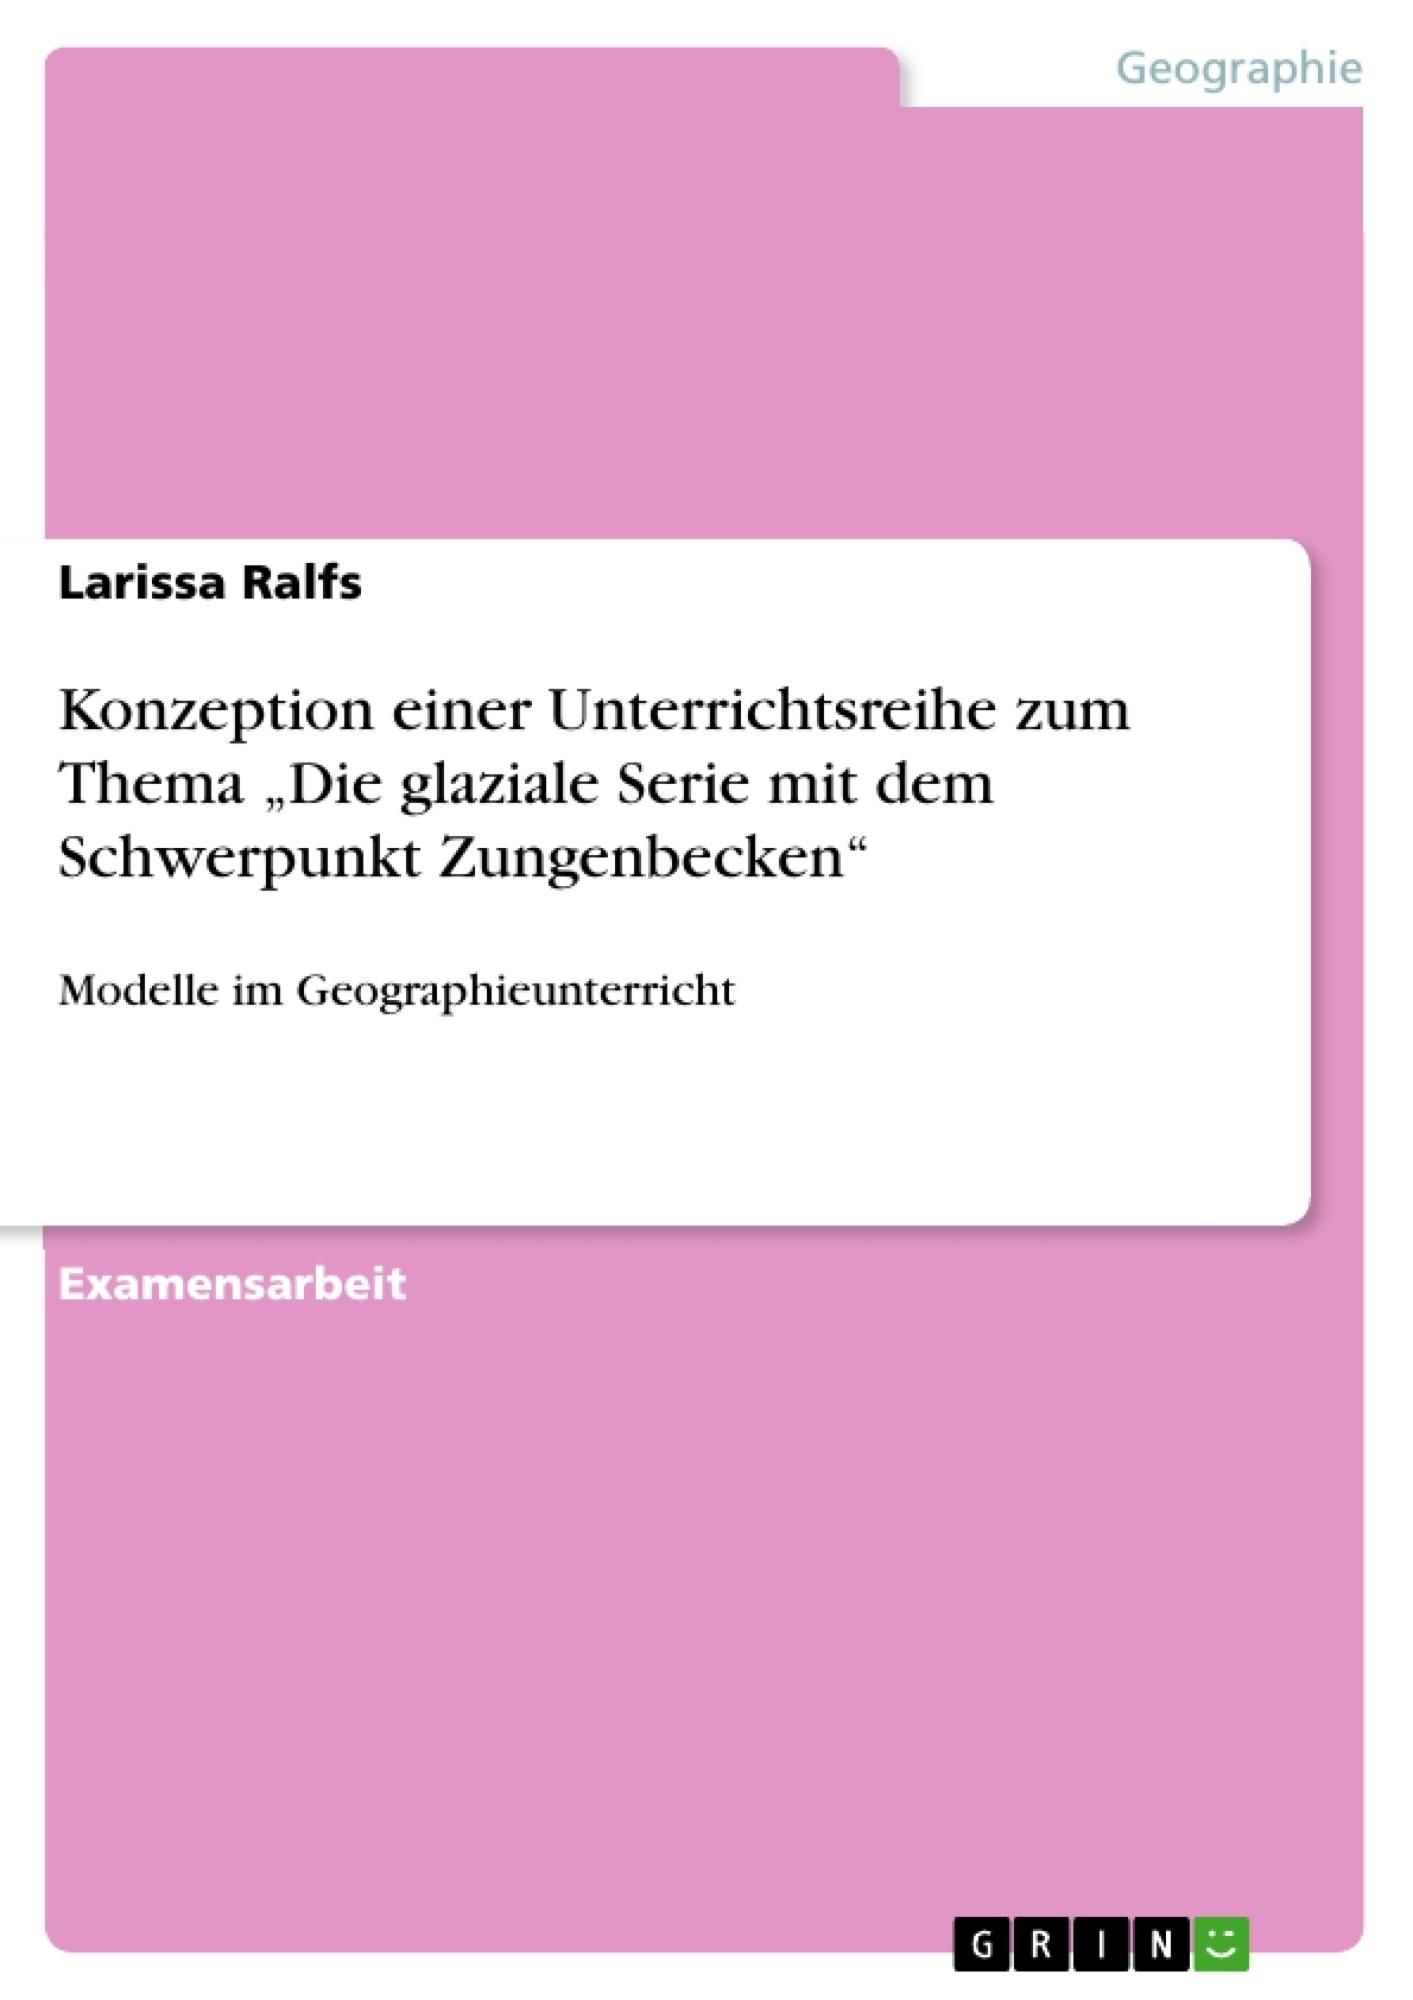 """GRIN   Konzeption einer Unterrichtsreihe zum Thema """"Die glaziale Serie mit  dem Schwerpunkt Zungenbecken"""""""